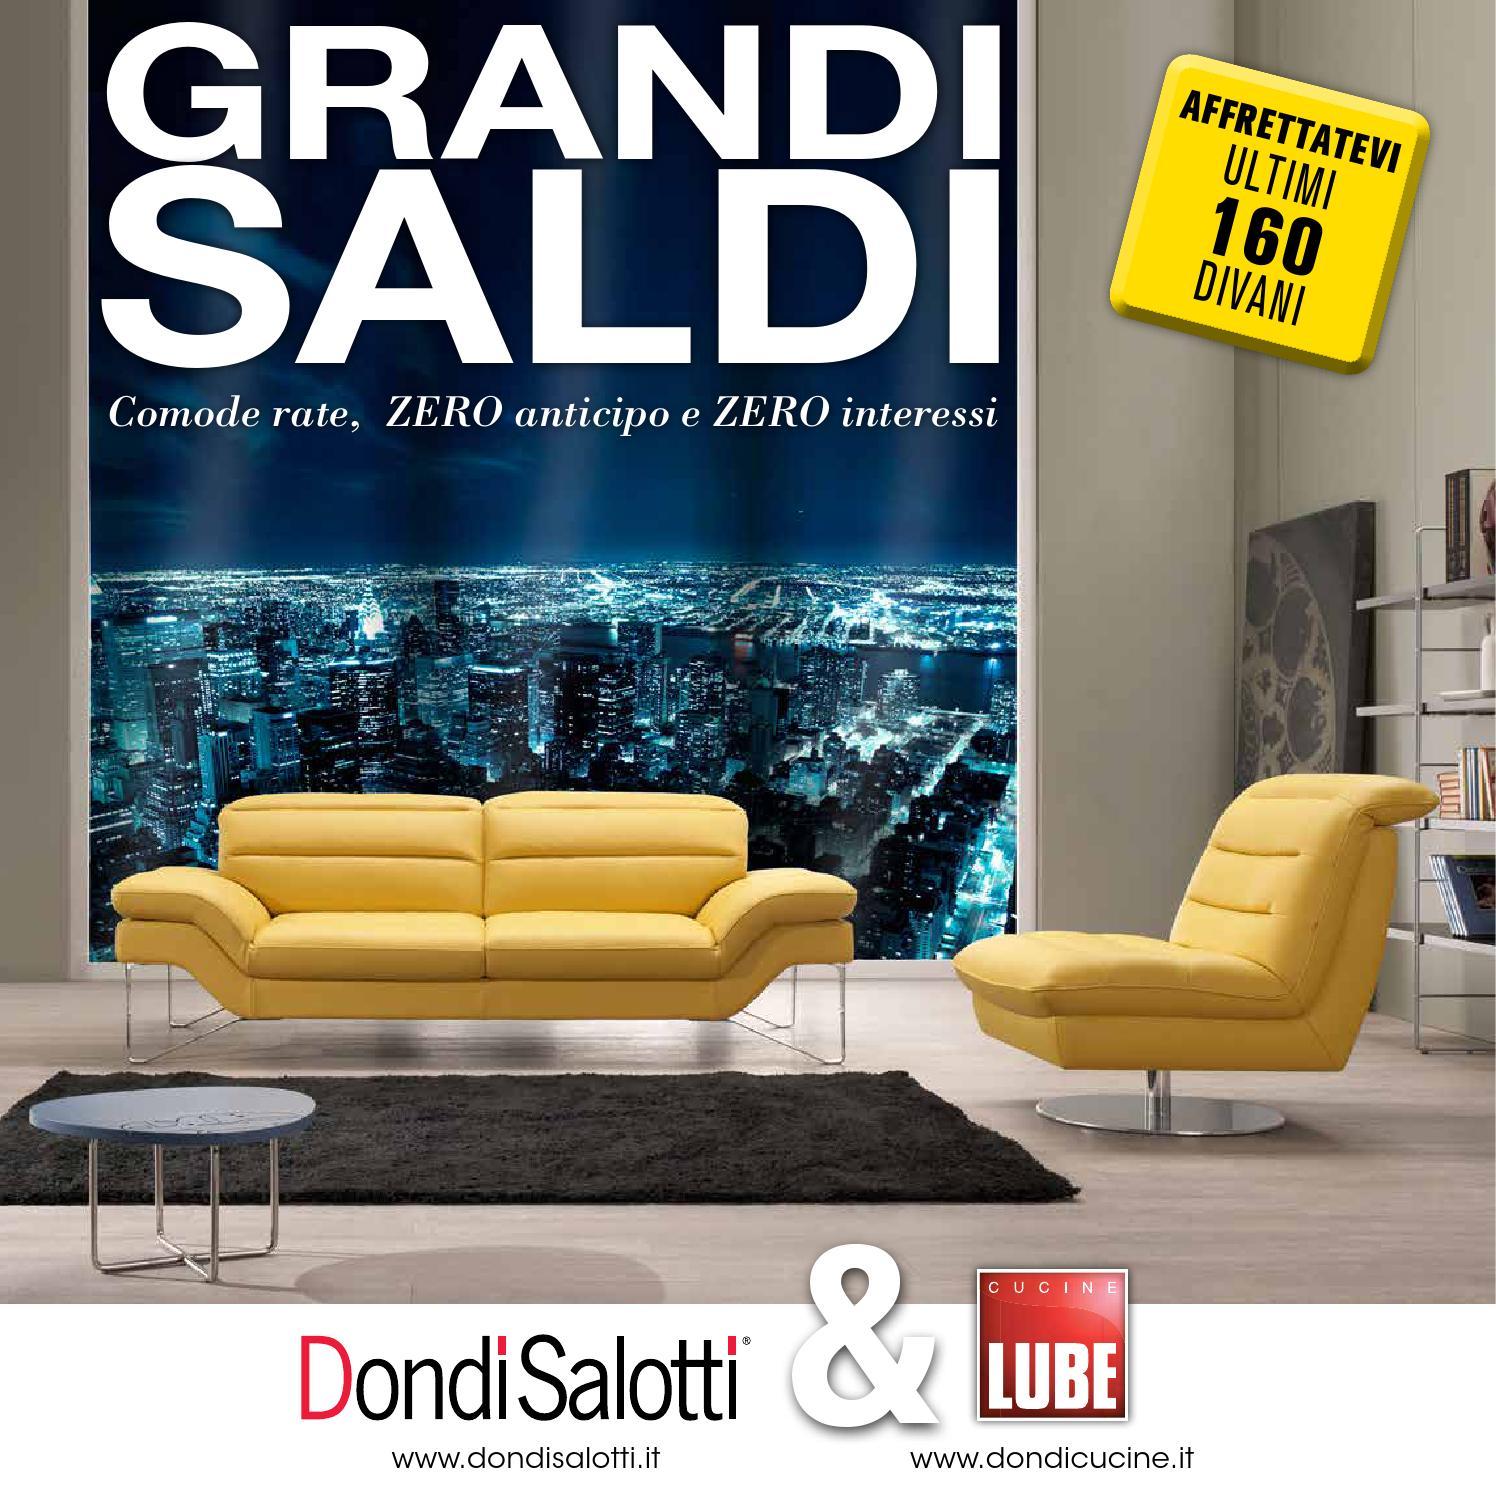 Saldi Dondi Salotti.Volantino Grandi Saldi Dondi Salotti By Pierpaolo Dondi Issuu